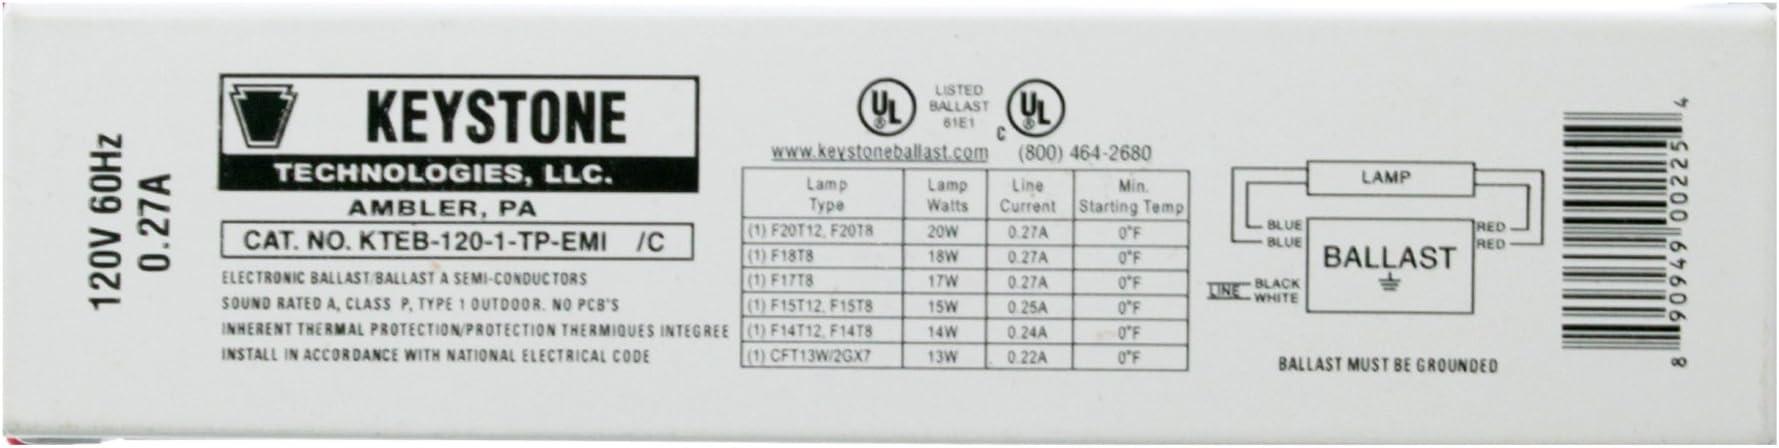 Keystone KTEB-120-1-TP-EMI T12 Electronic Ballast